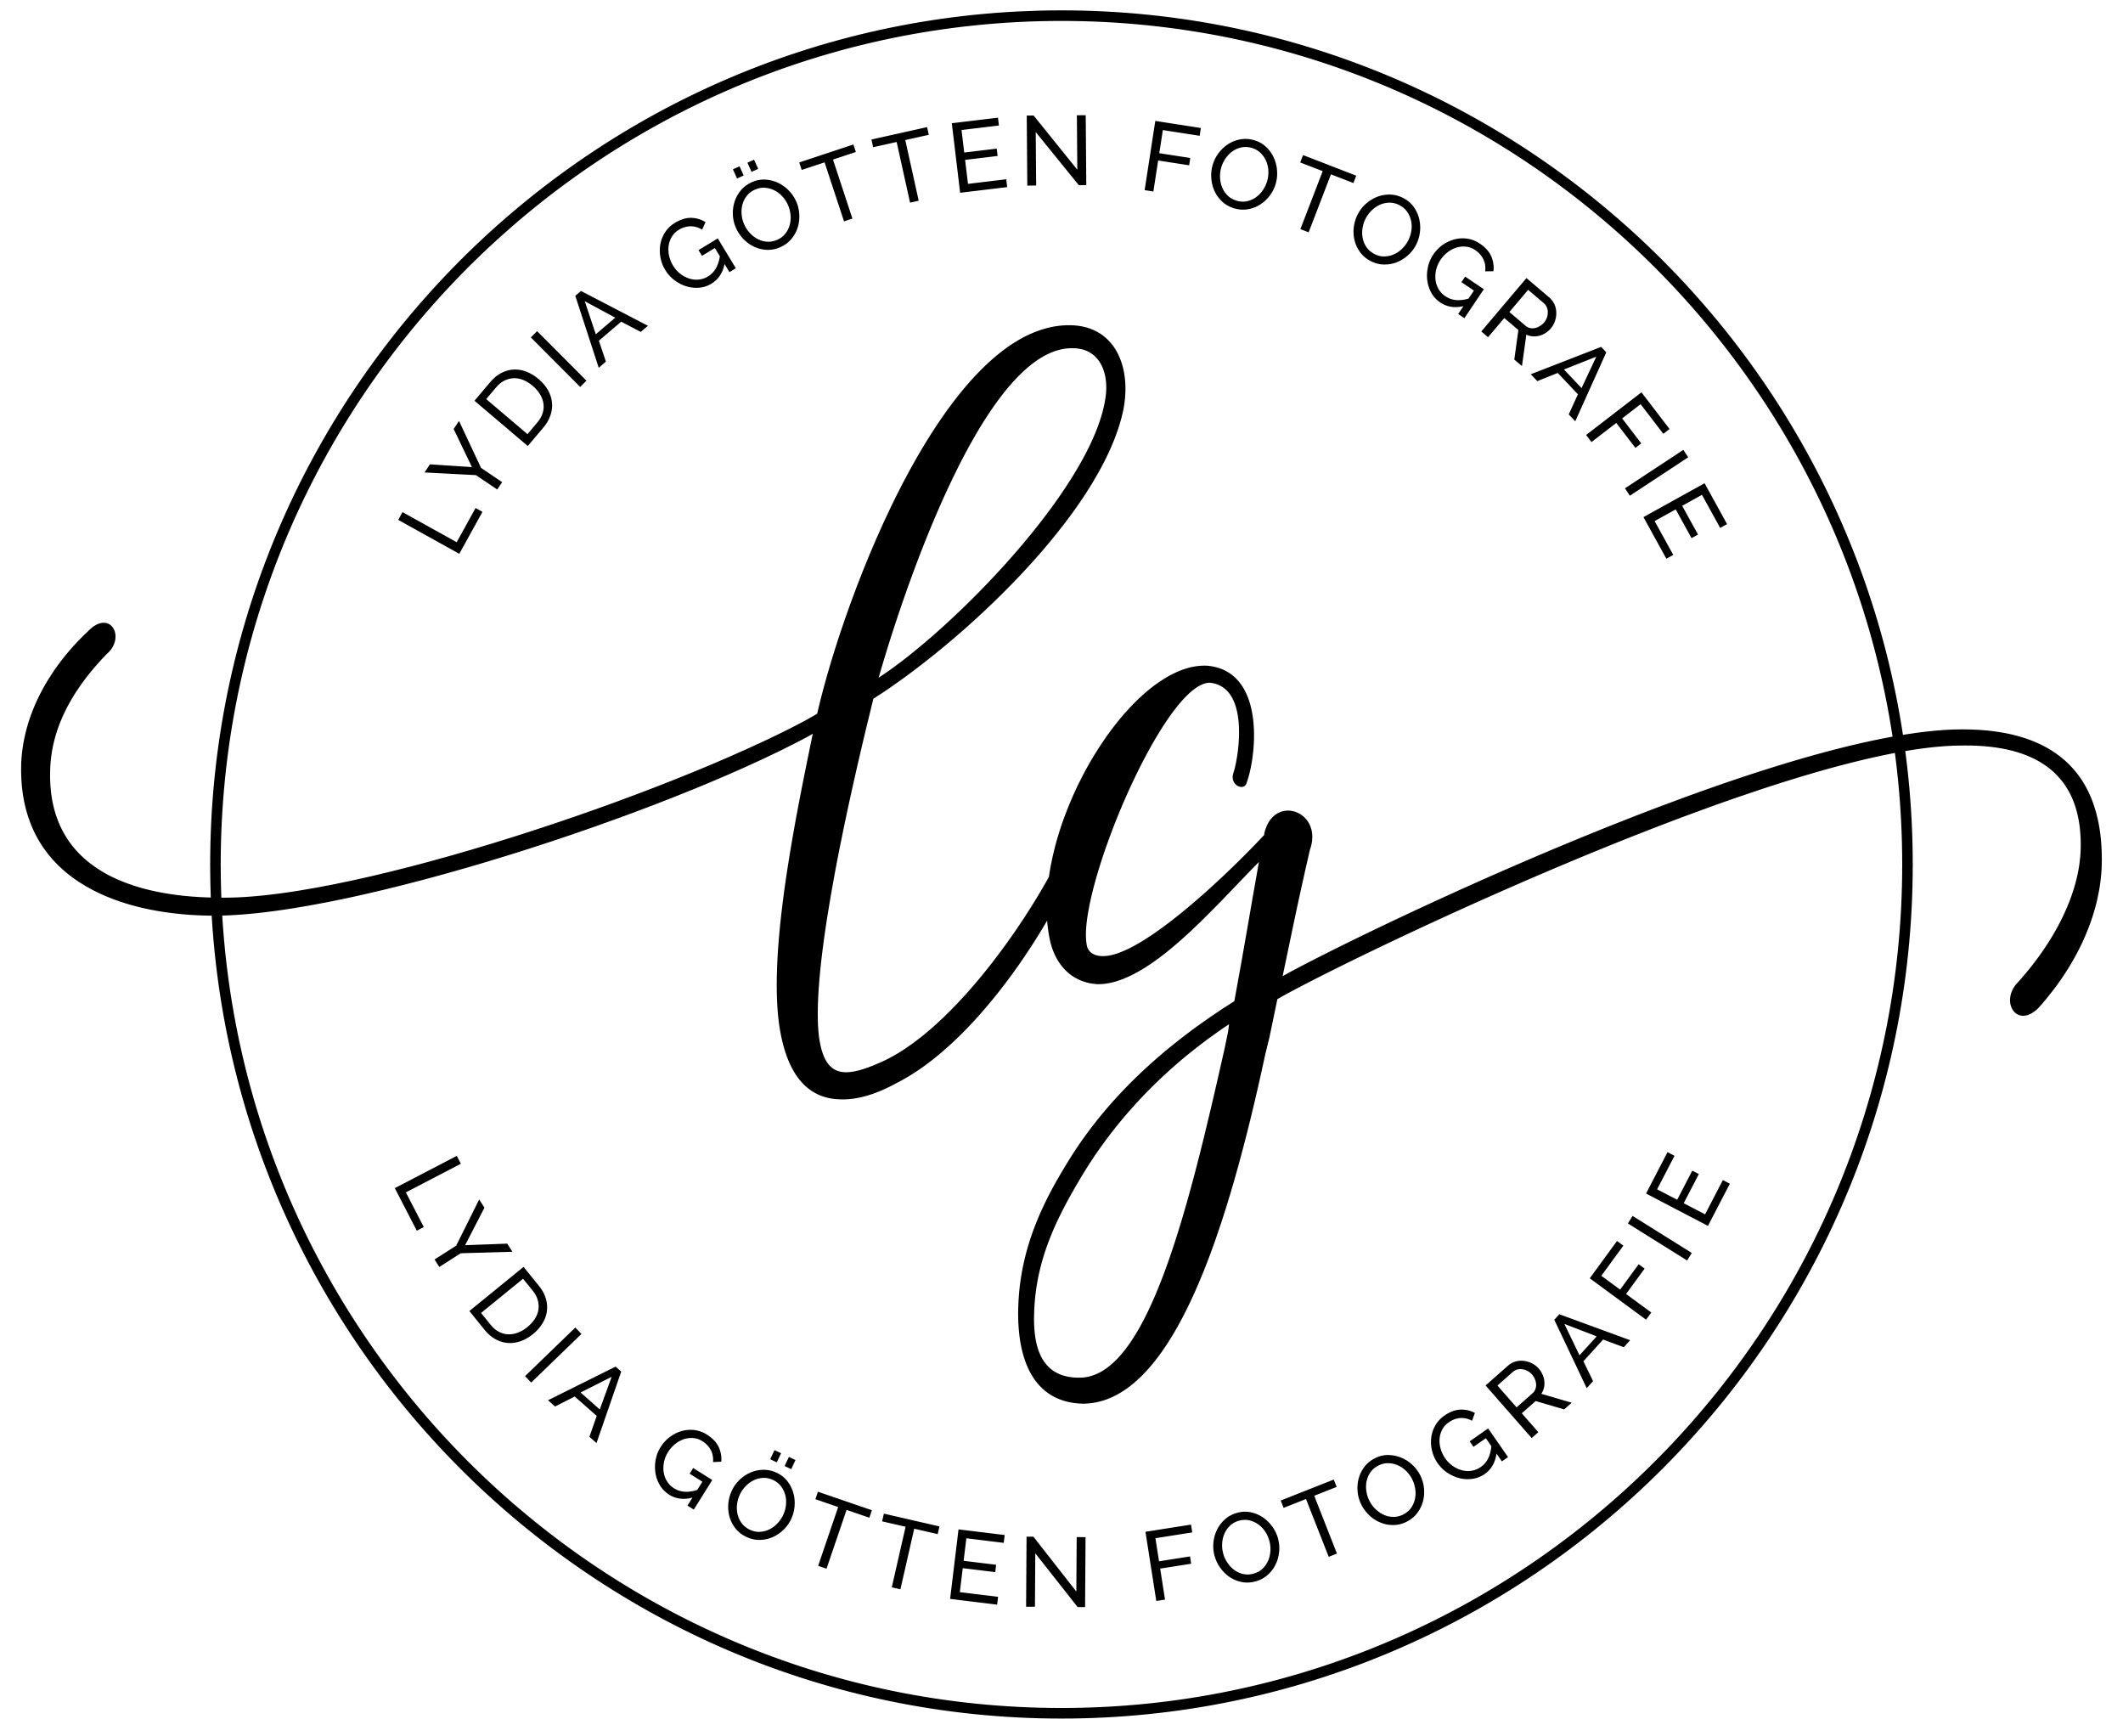 Lydia Götten Fotografie